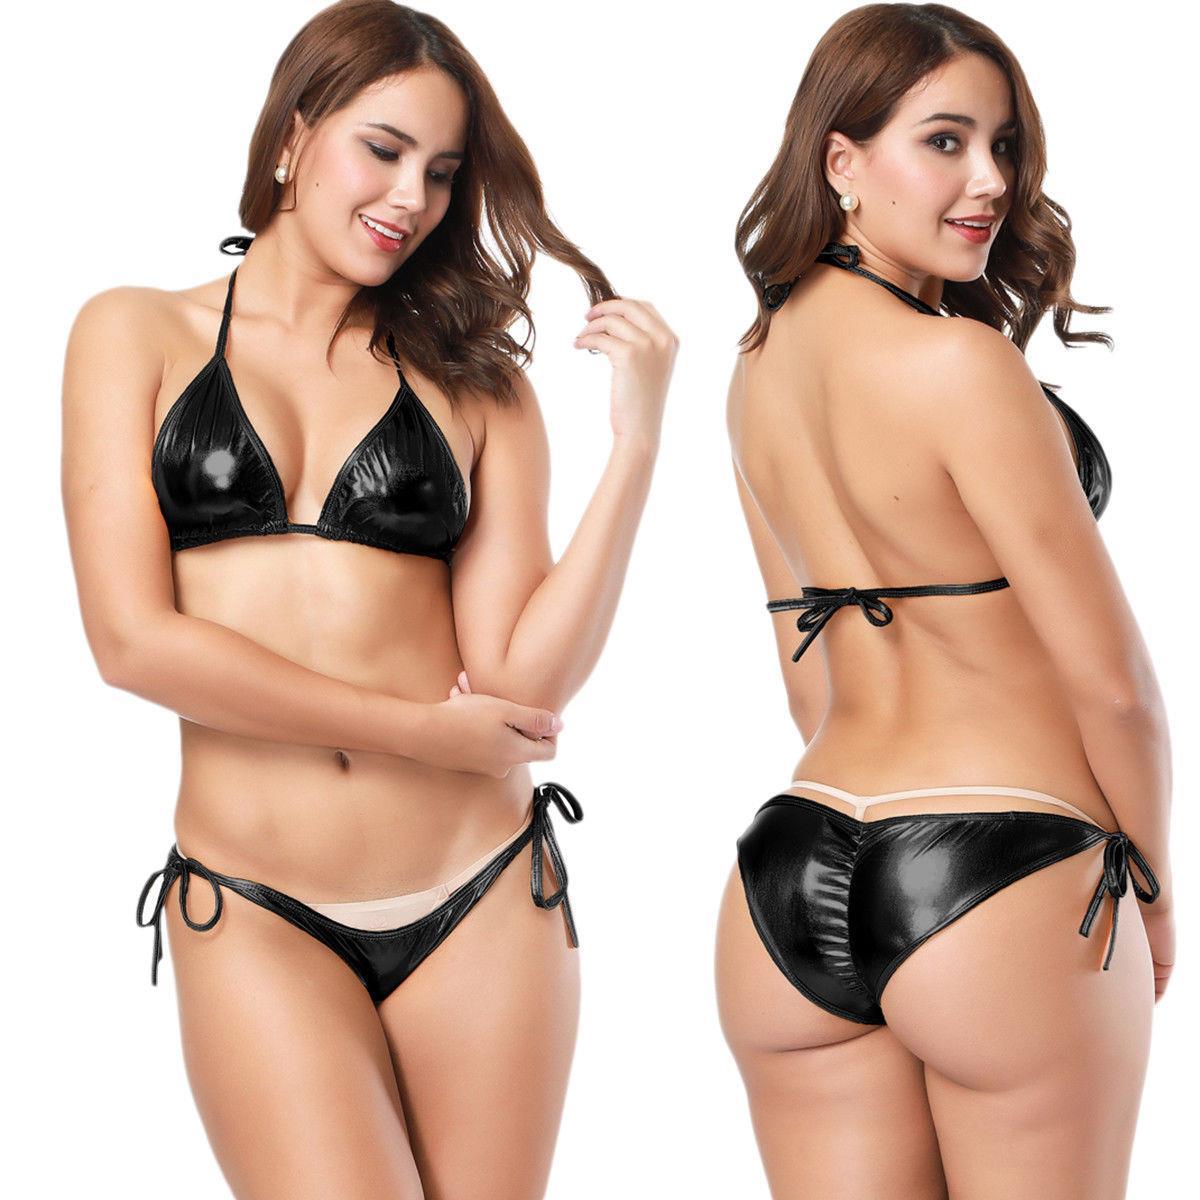 Women Sexy//Sissy Wet Look Bikini Swimwear V Neck Lingerie Beachwear